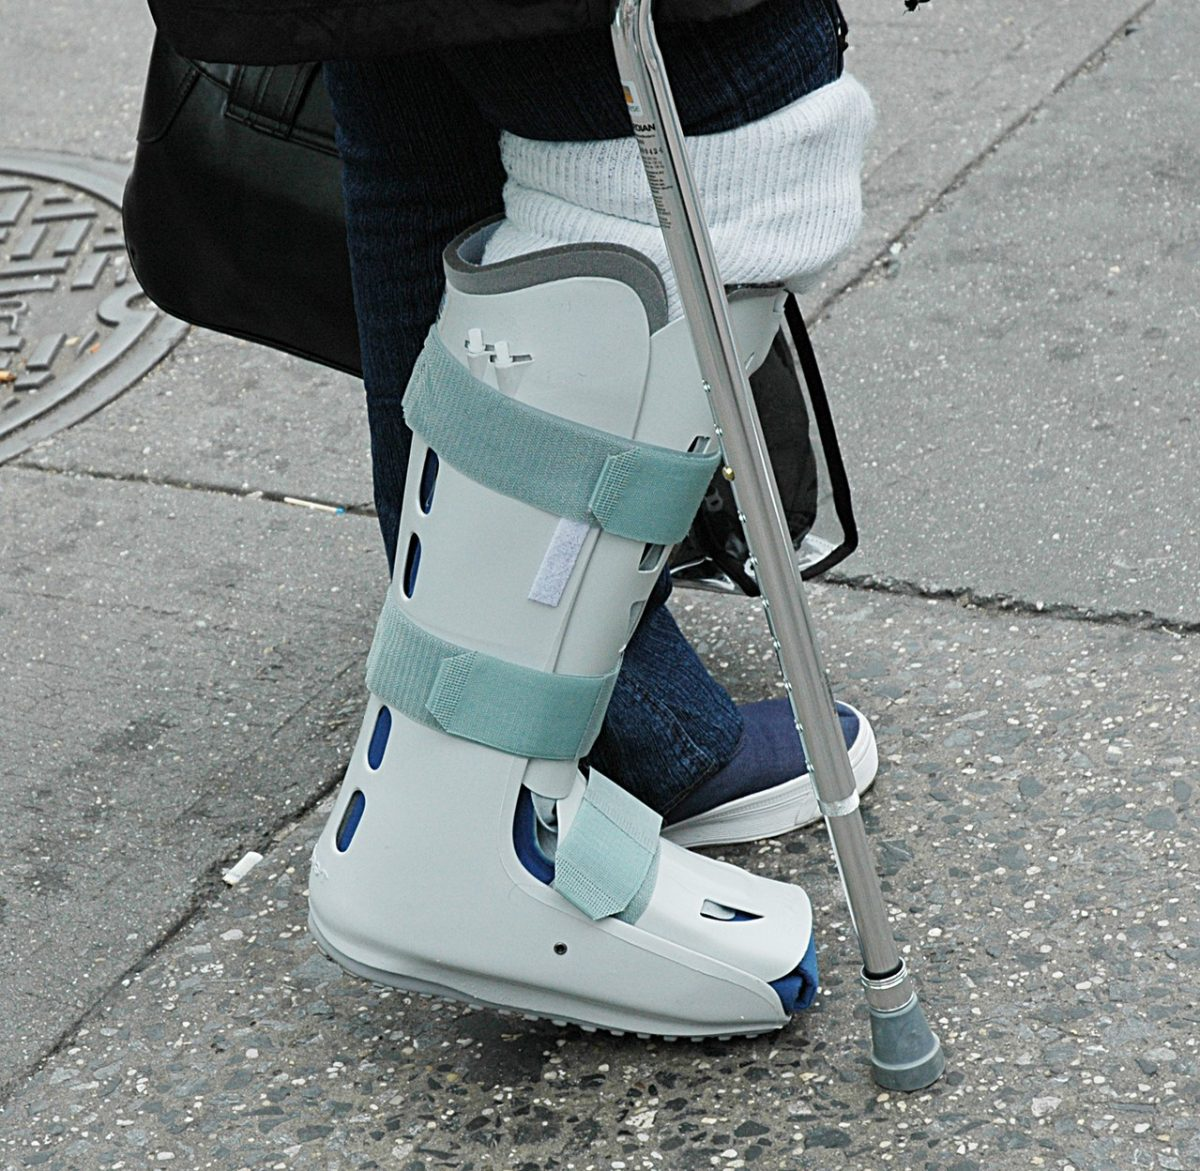 Czy wiemy w jakim momencie pomoże nam ortopeda?